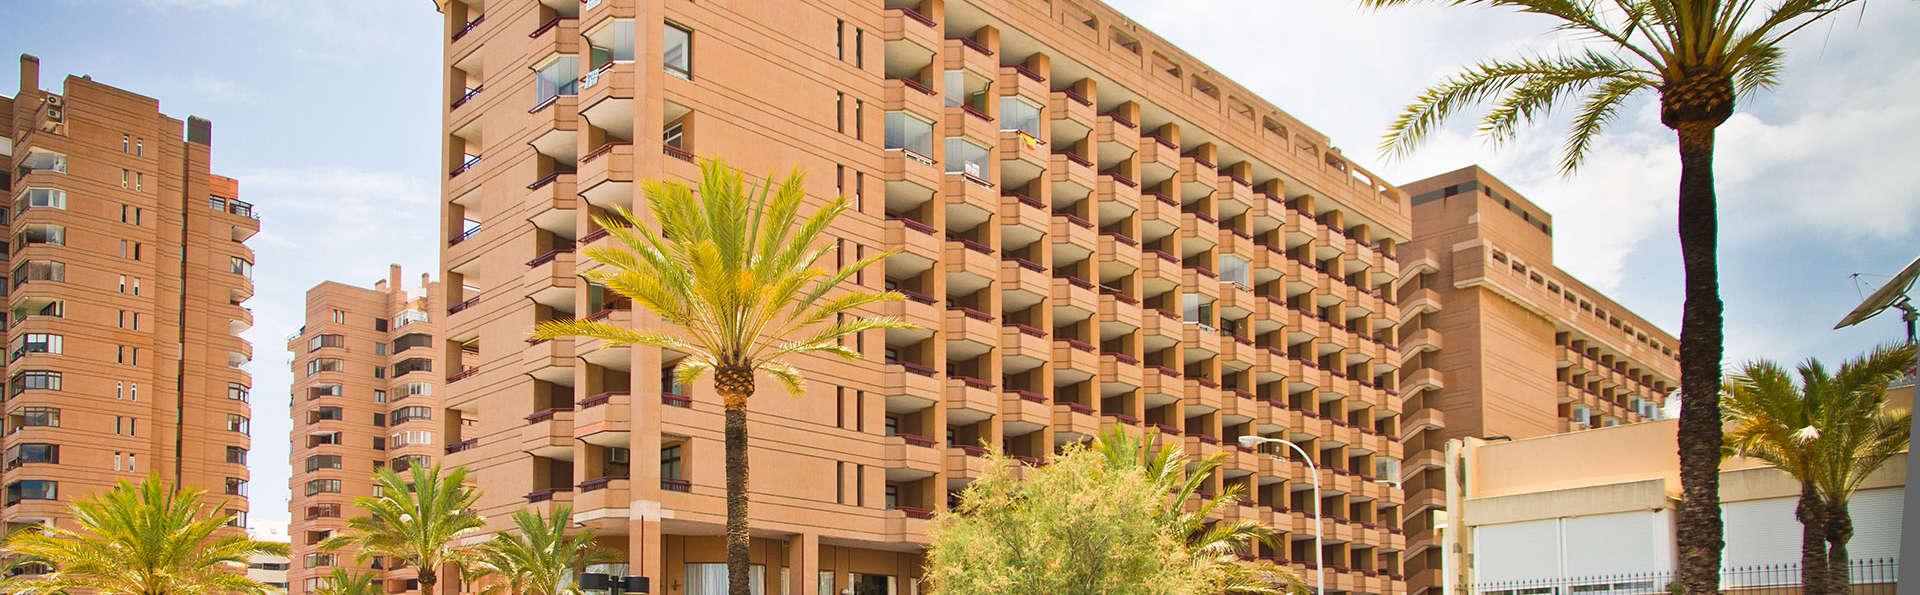 Hotel Las Palmeras - edit_front.jpg